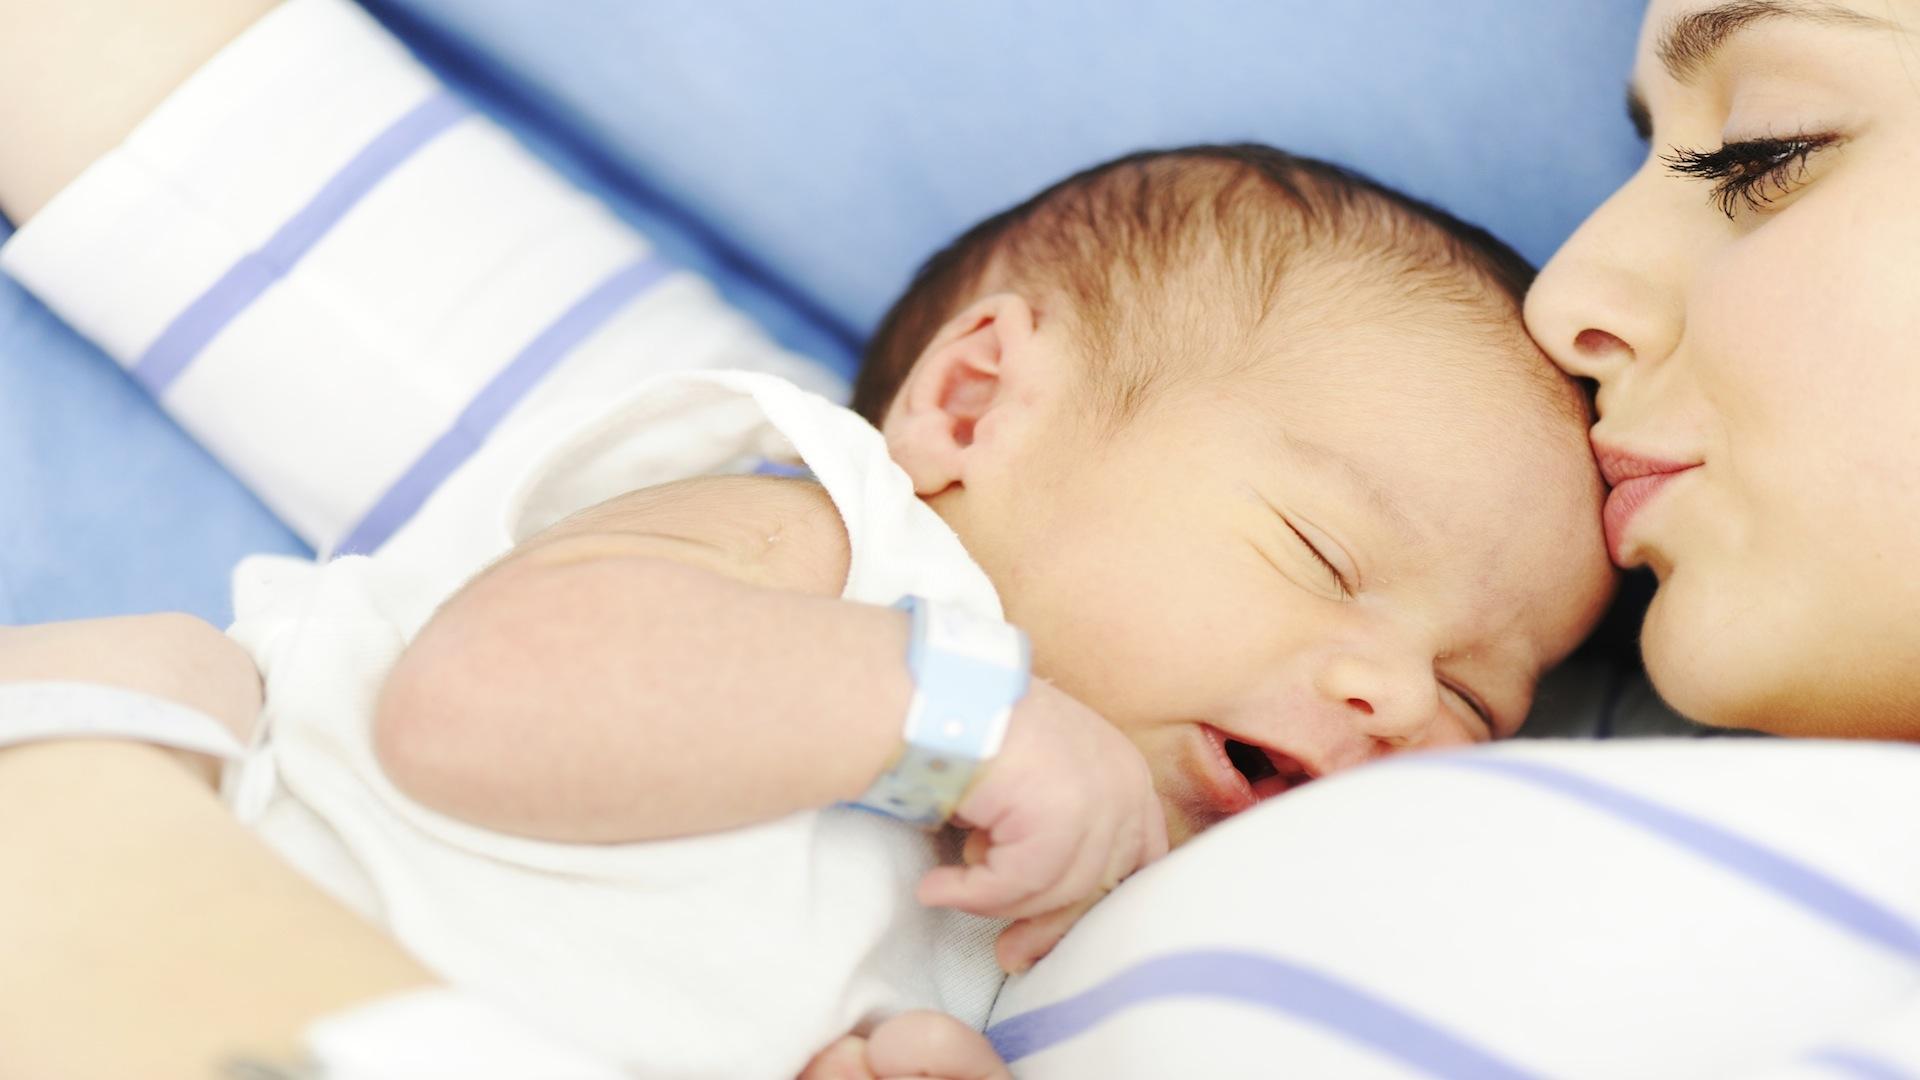 Фото родившегося ребенка и мамы